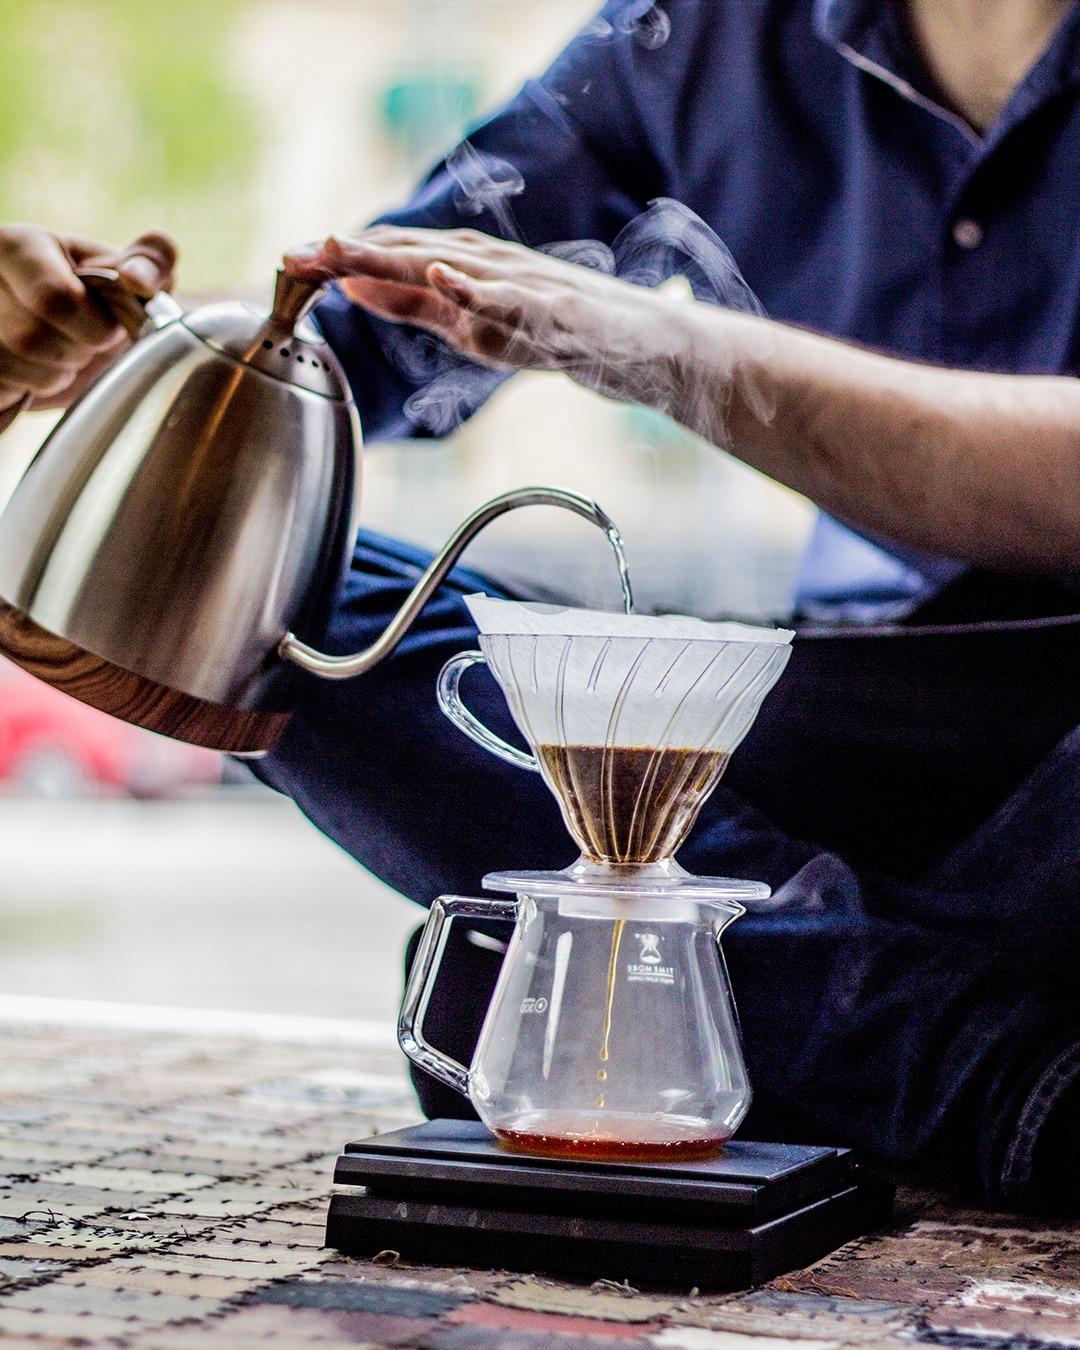 Filterkaffe, Droppkaffe, Pour Over, Handbrygg, Hario V60